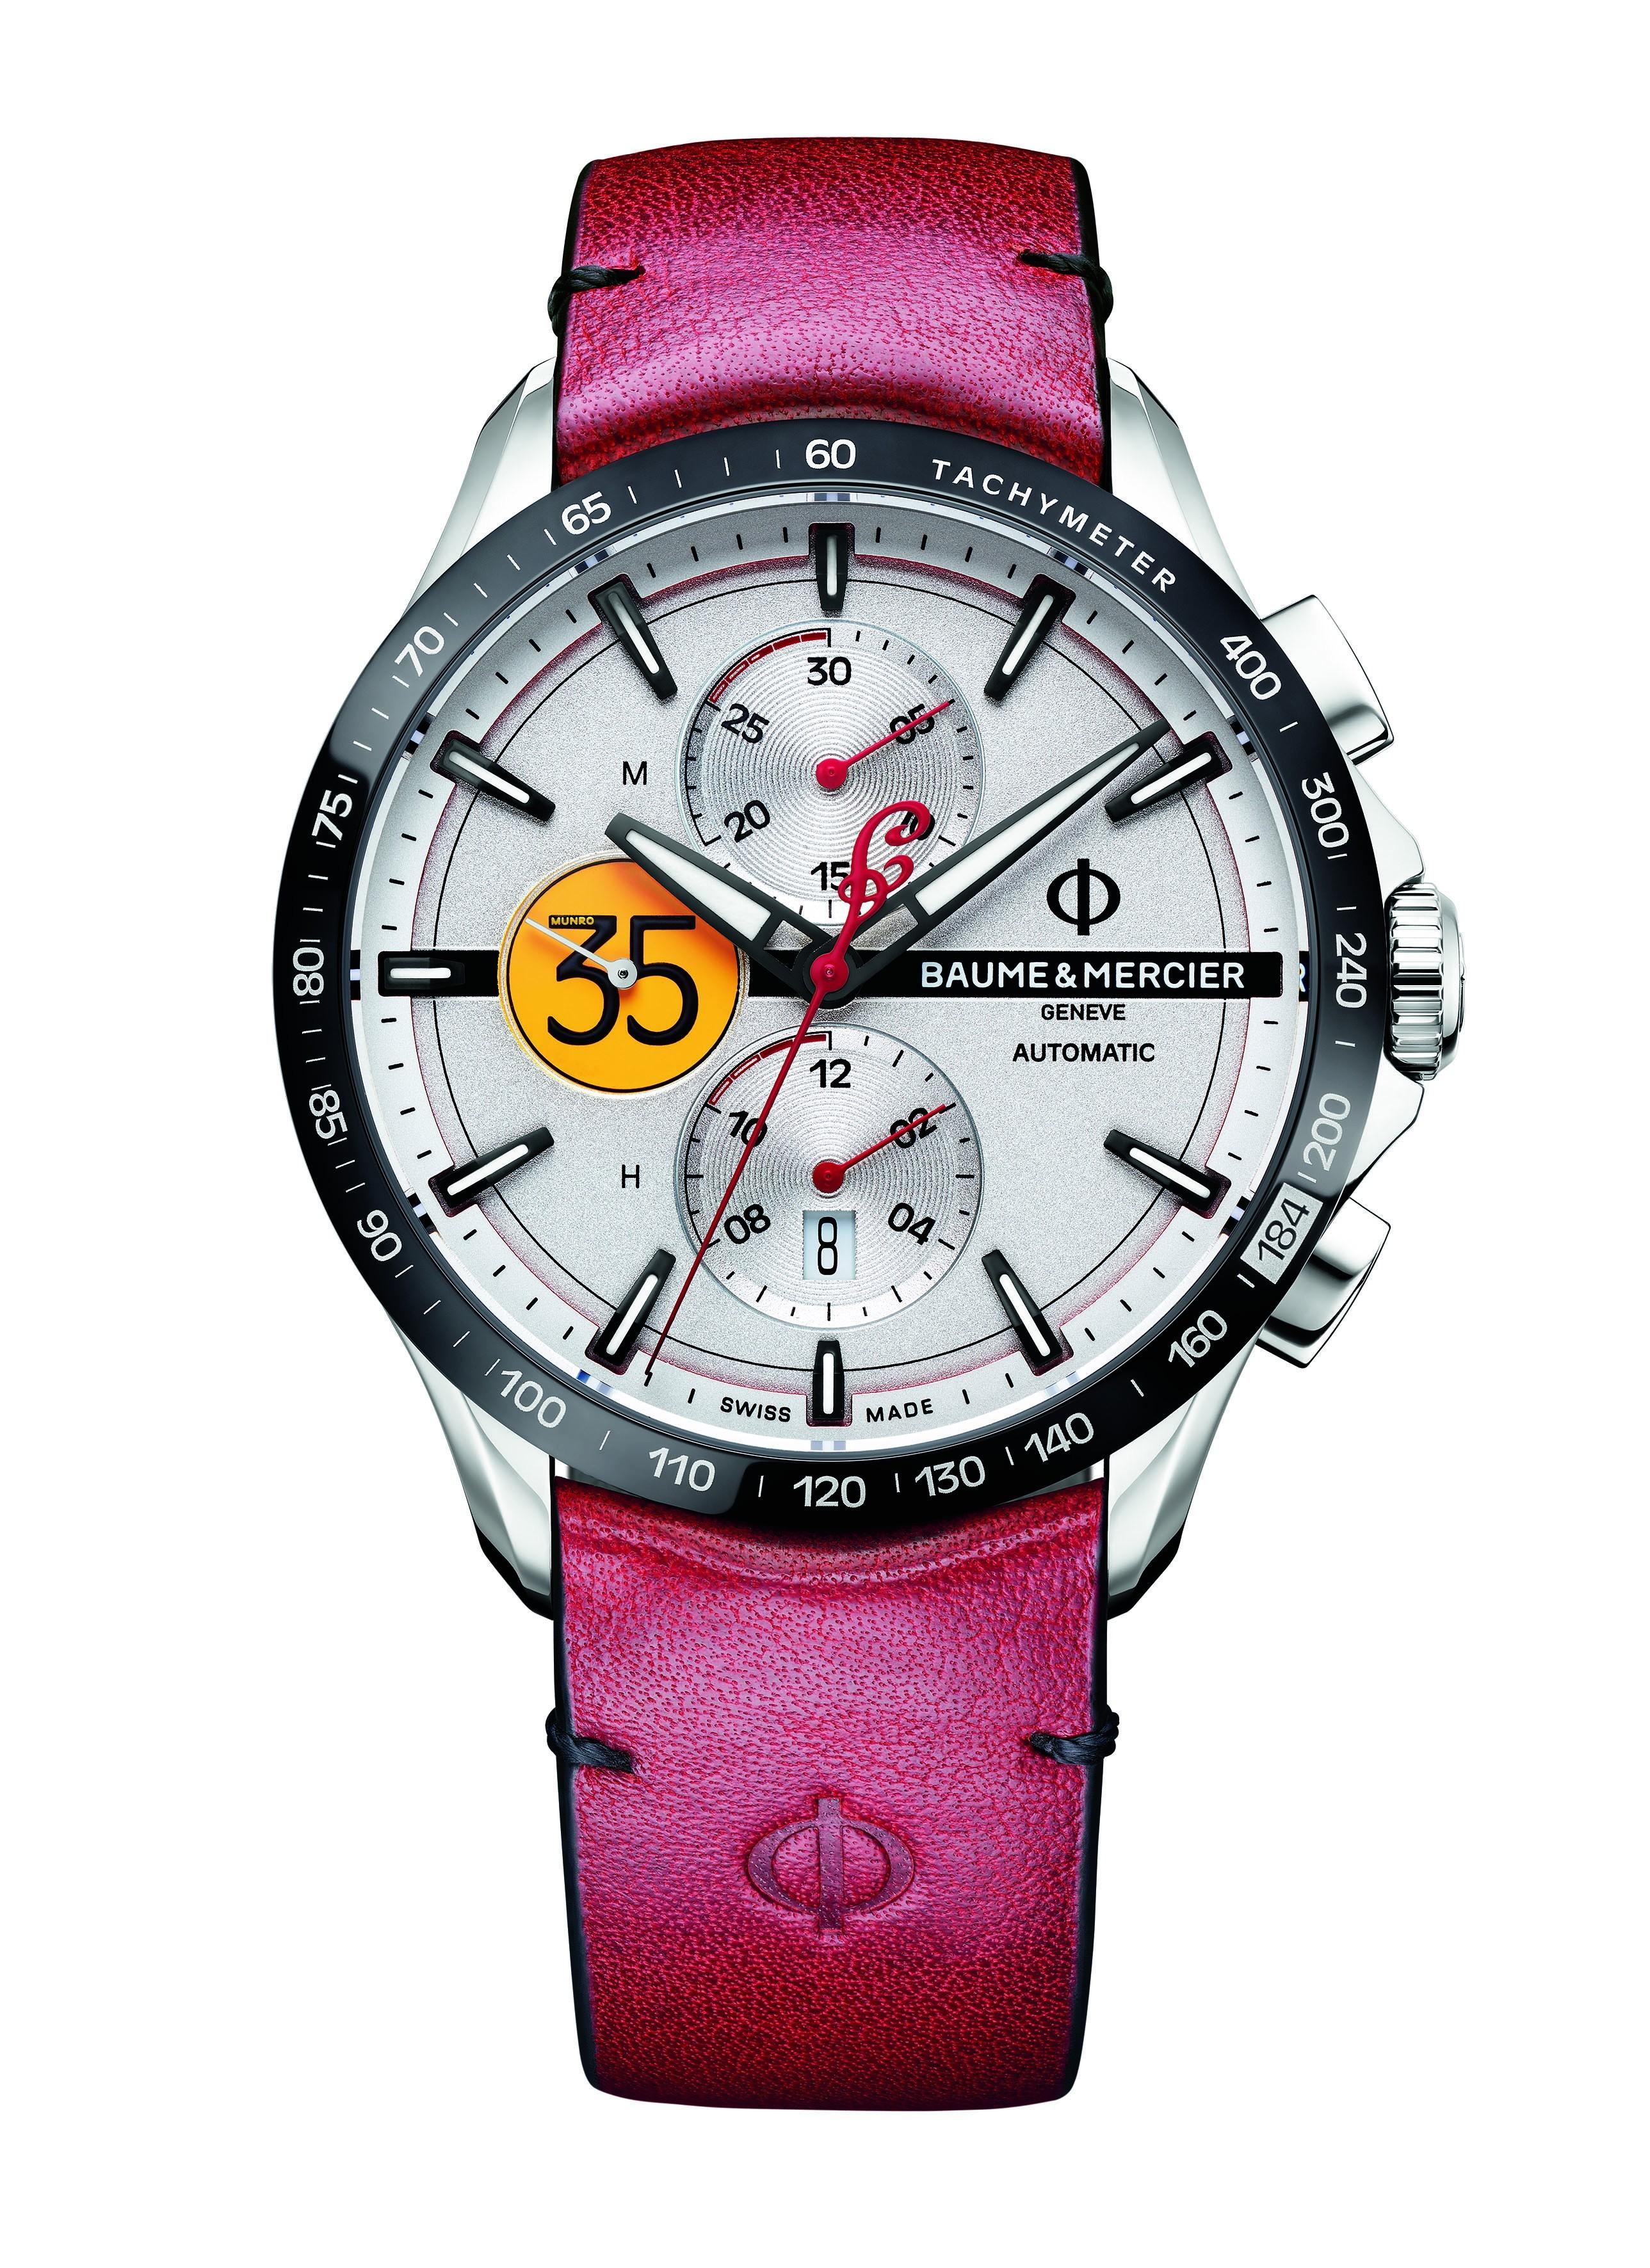 Baume&Mercier名士克里顿俱乐部系列 伯特芒罗纪念版限量款腕表